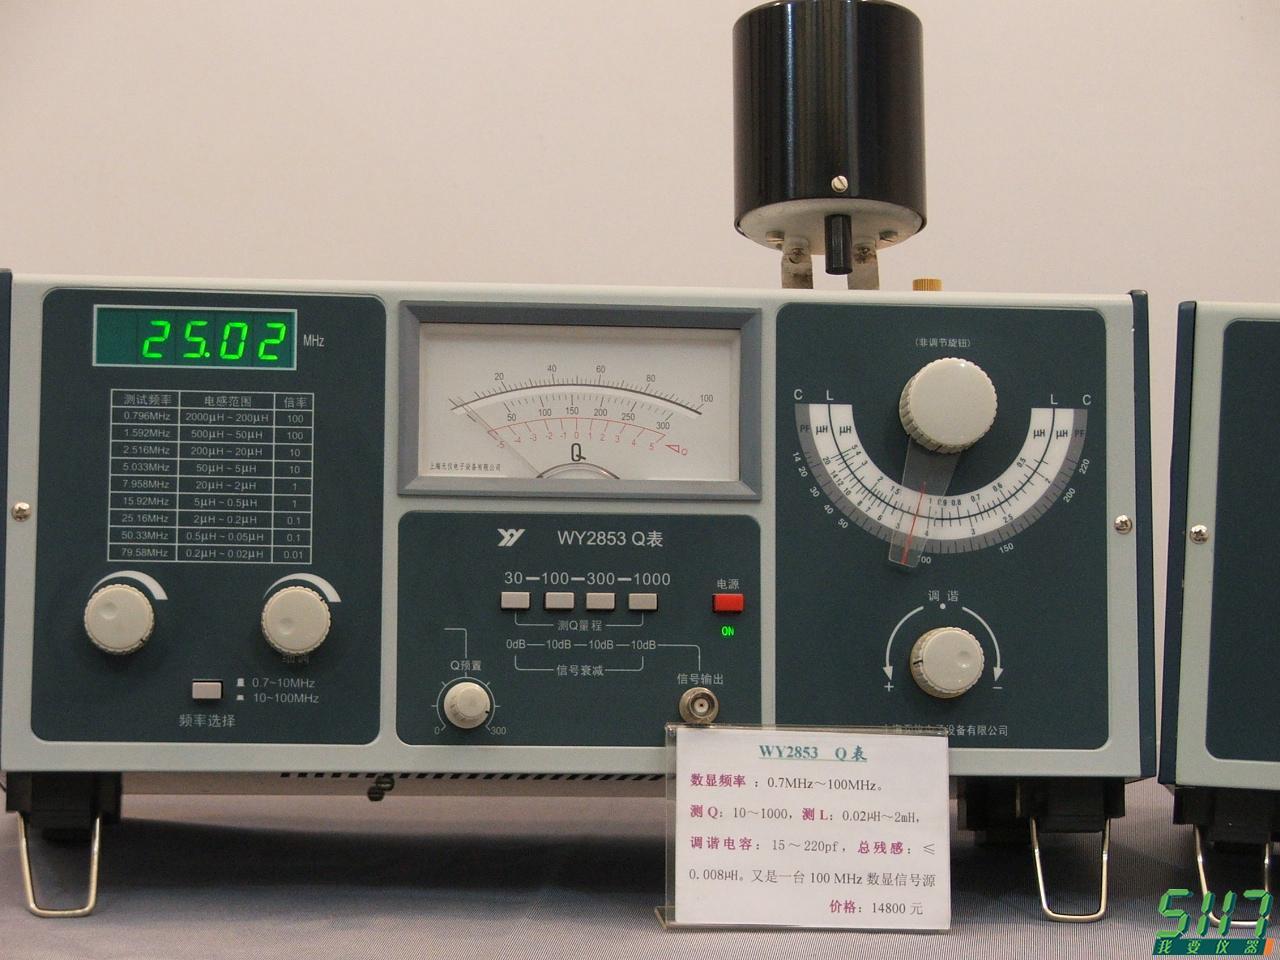 无仪电子展示的多功能信号发生器等产品